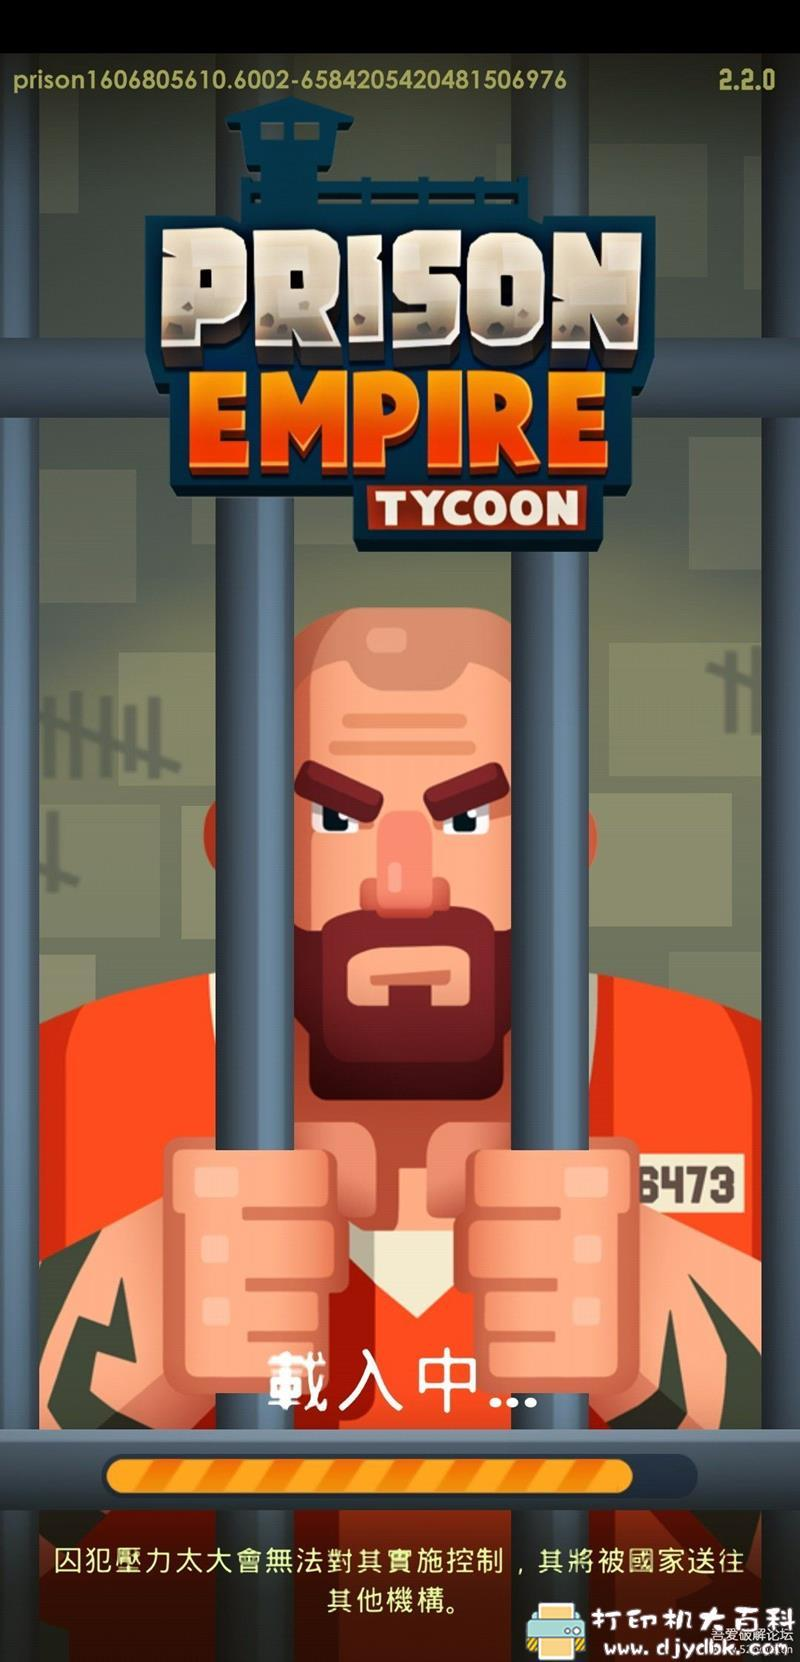 安卓游戏分享:【模拟经营】监狱帝国大亨 2.2.0 中文版 Prison Empire Tycoon 无限钞票/钻石 配图 No.1